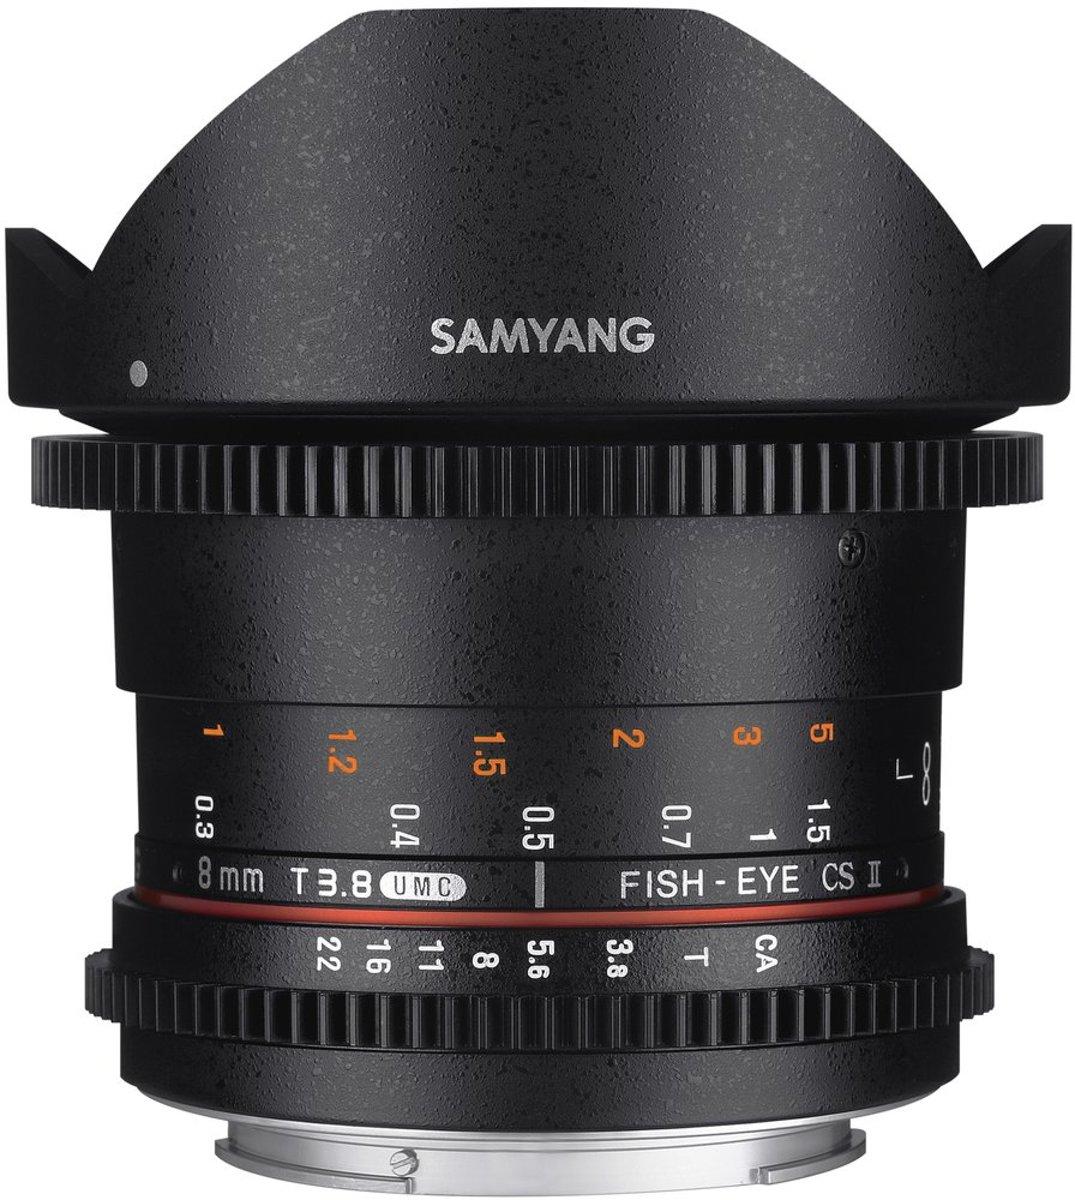 Samyang 8mm T3.8 Umc Vdslr Fisheye Cs II  - Prime lens - geschikt voor Canon Spiegelreflex